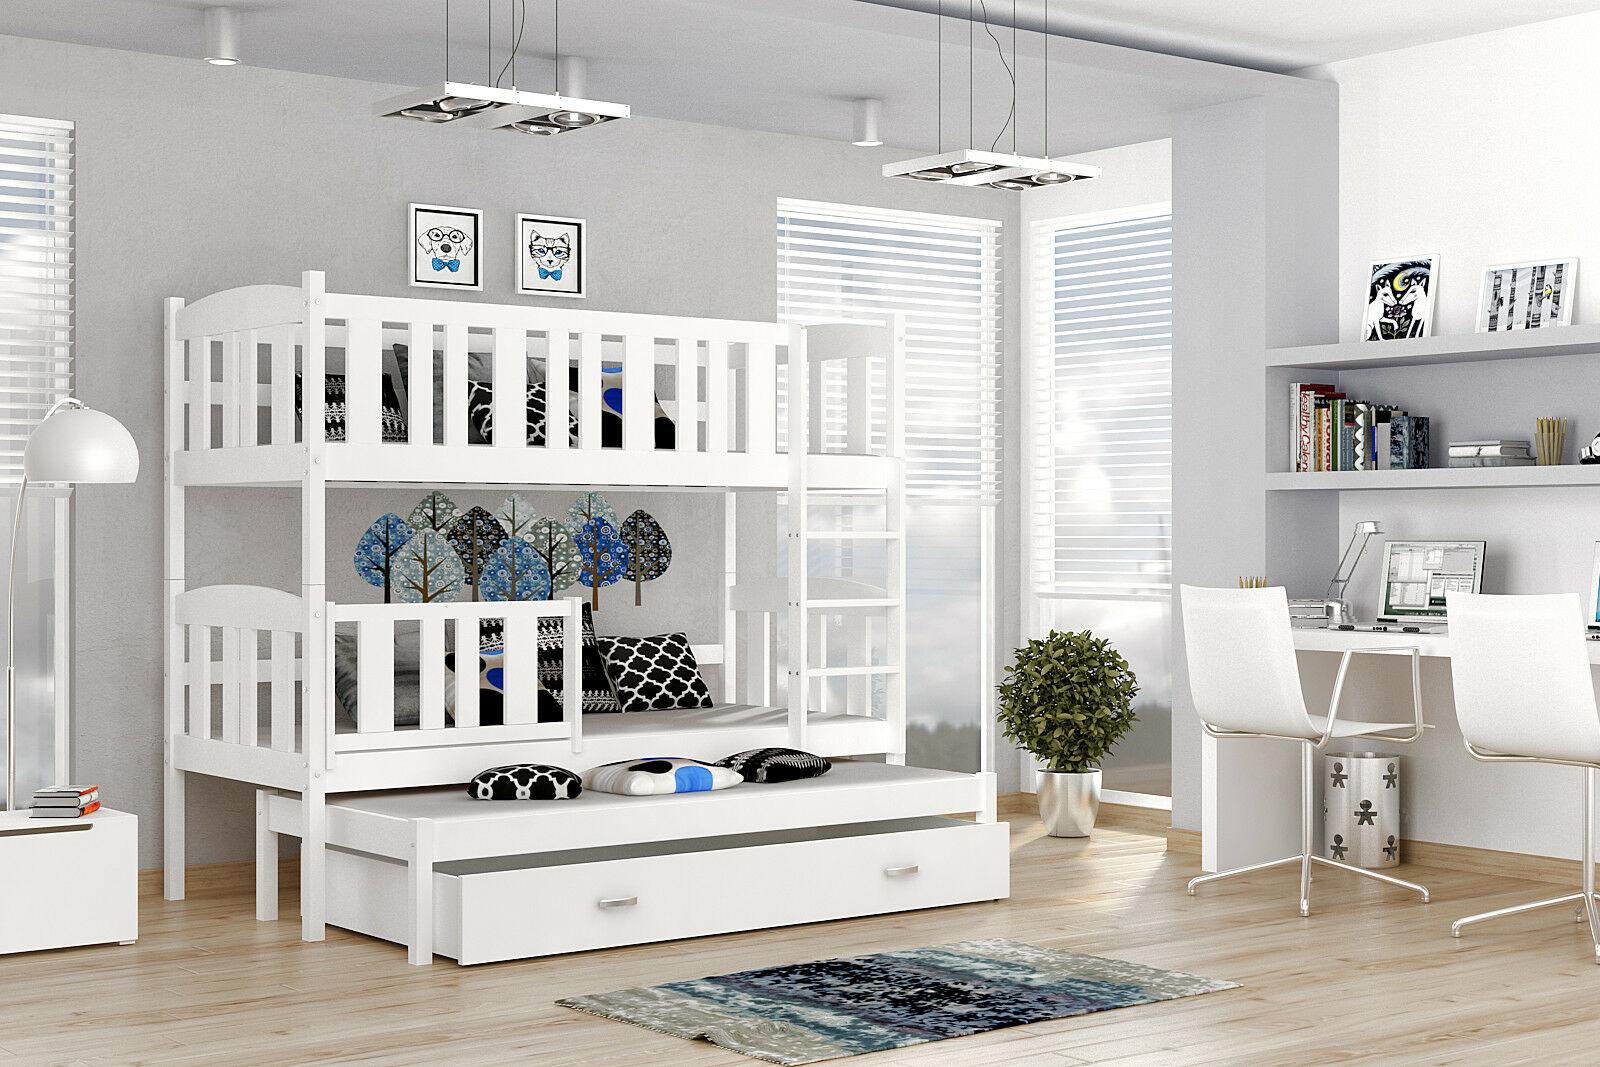 Etagenbett Für 3 : Vipack hochbett mit mdf schreibtisch und schlafgelegenheiten